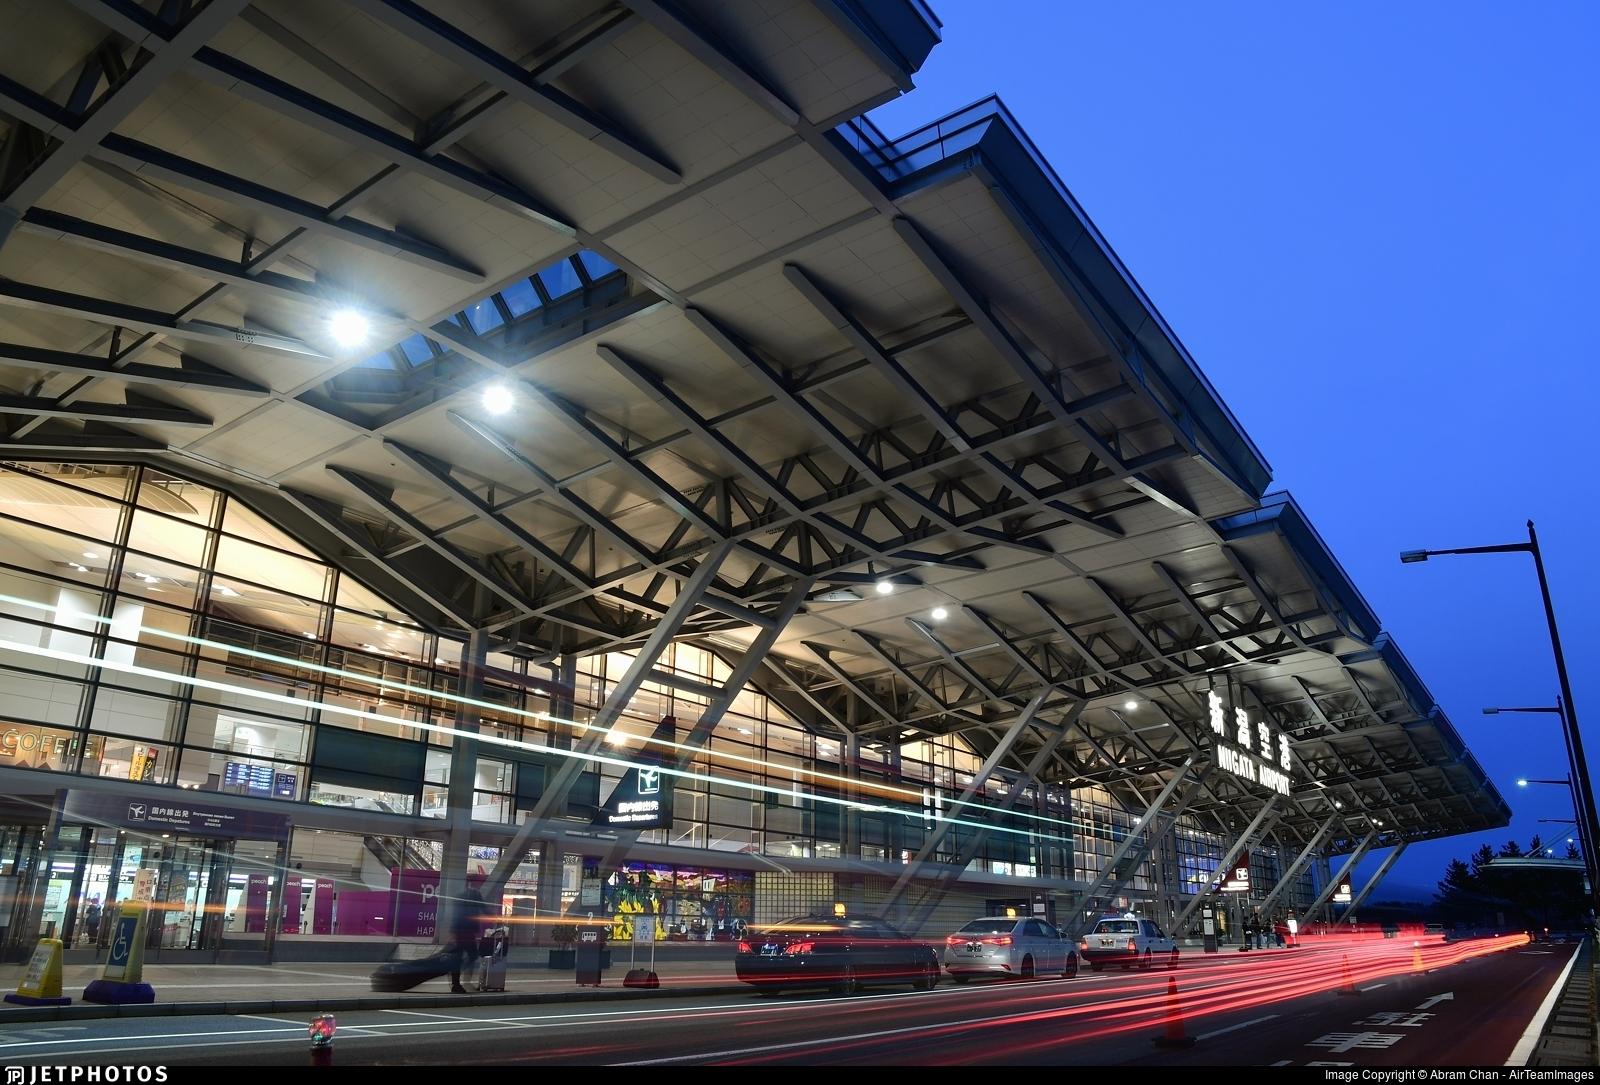 RJSN - Airport - Terminal